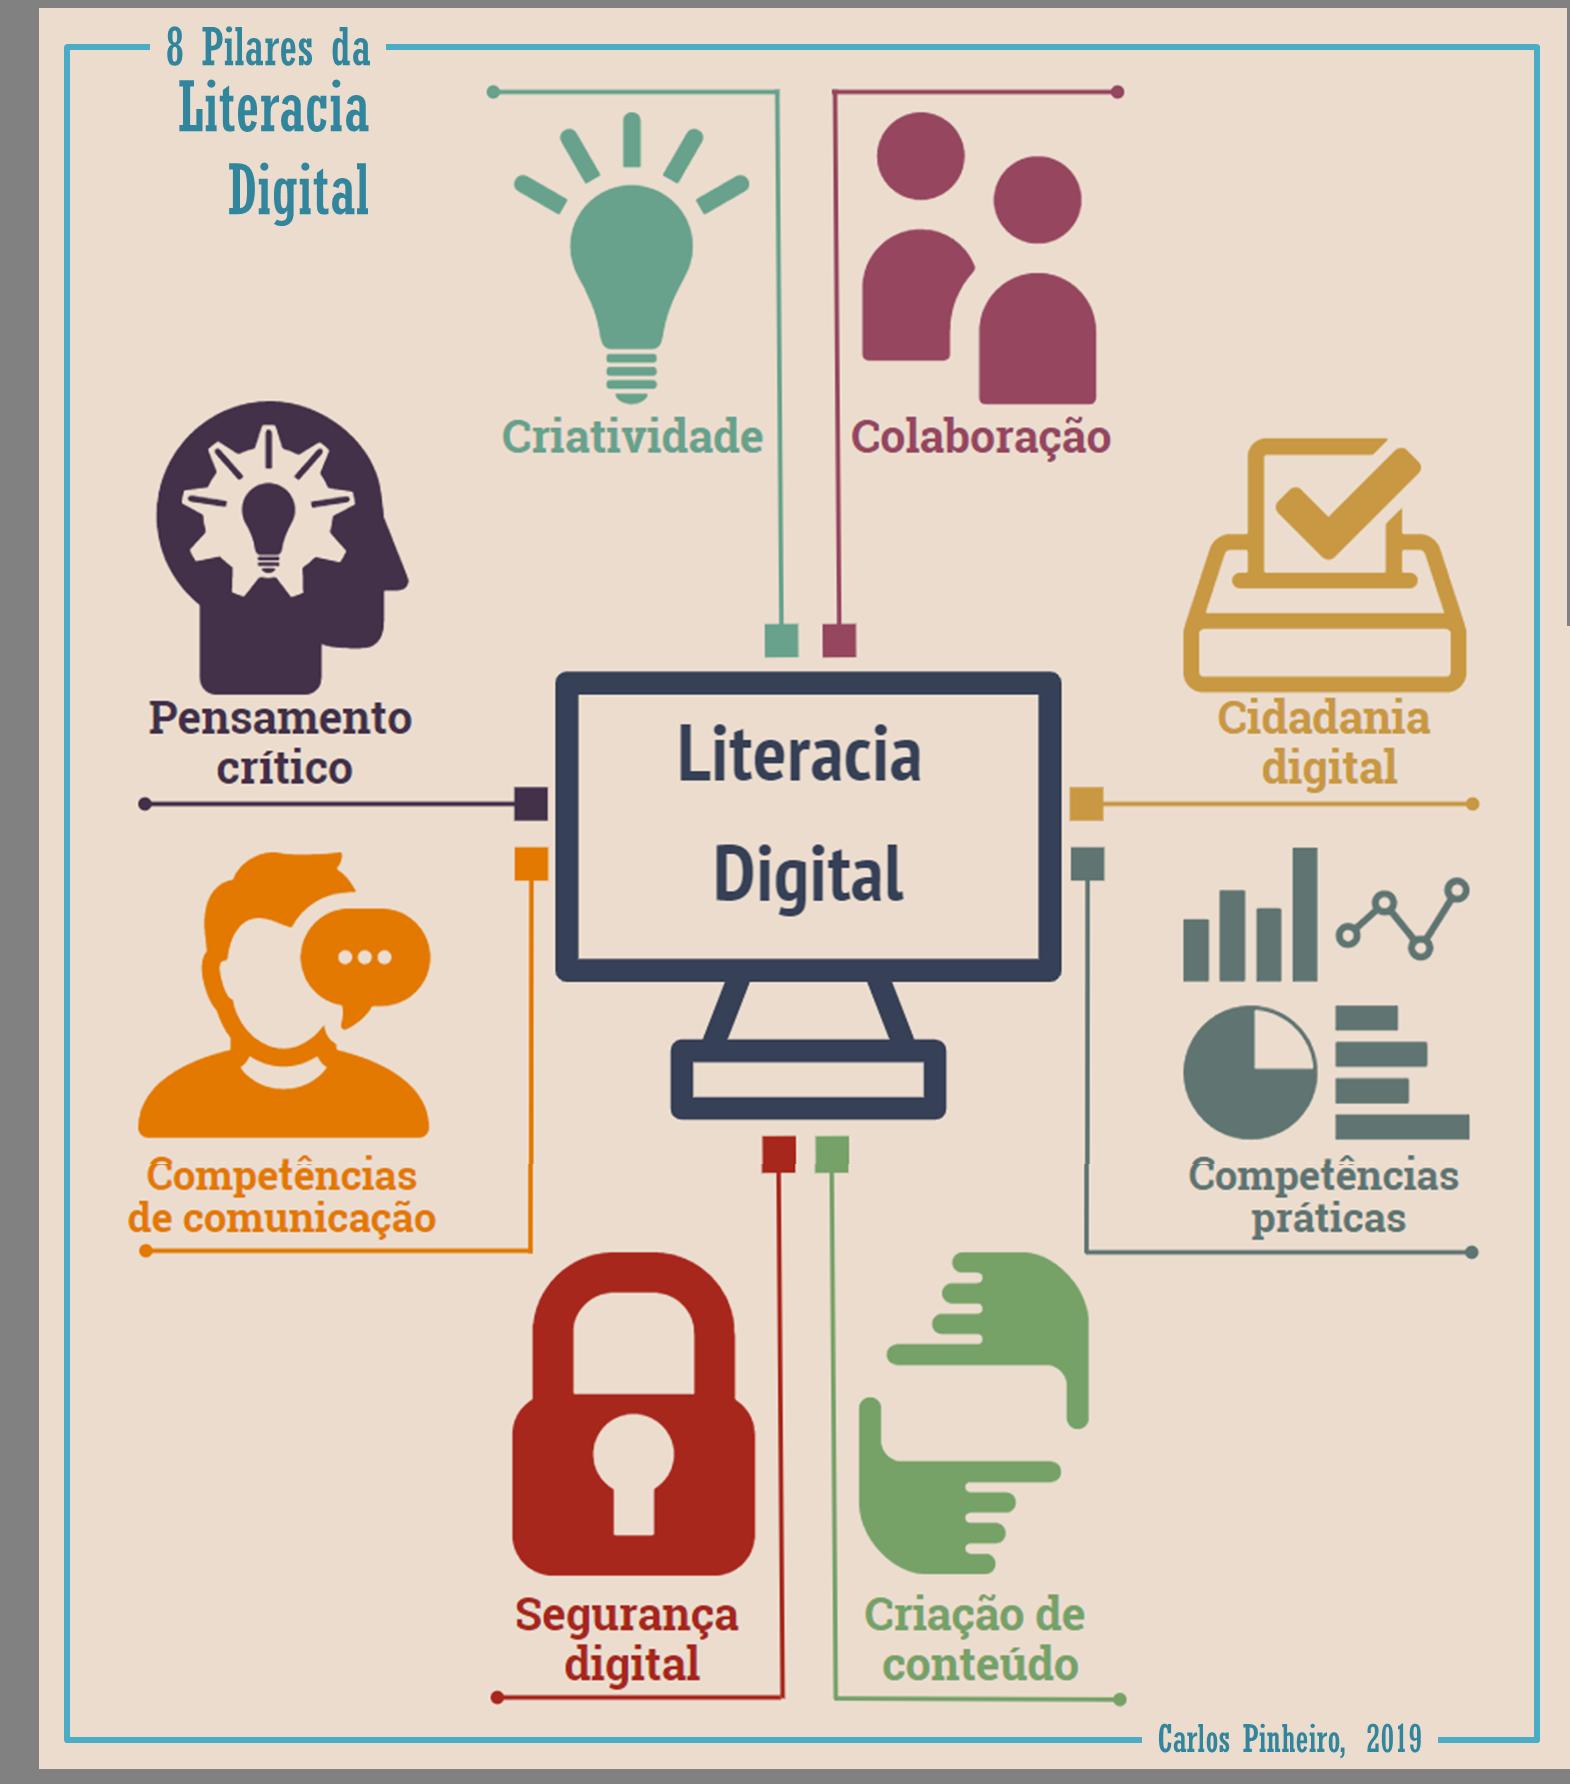 8 pilares da Literacia Digital